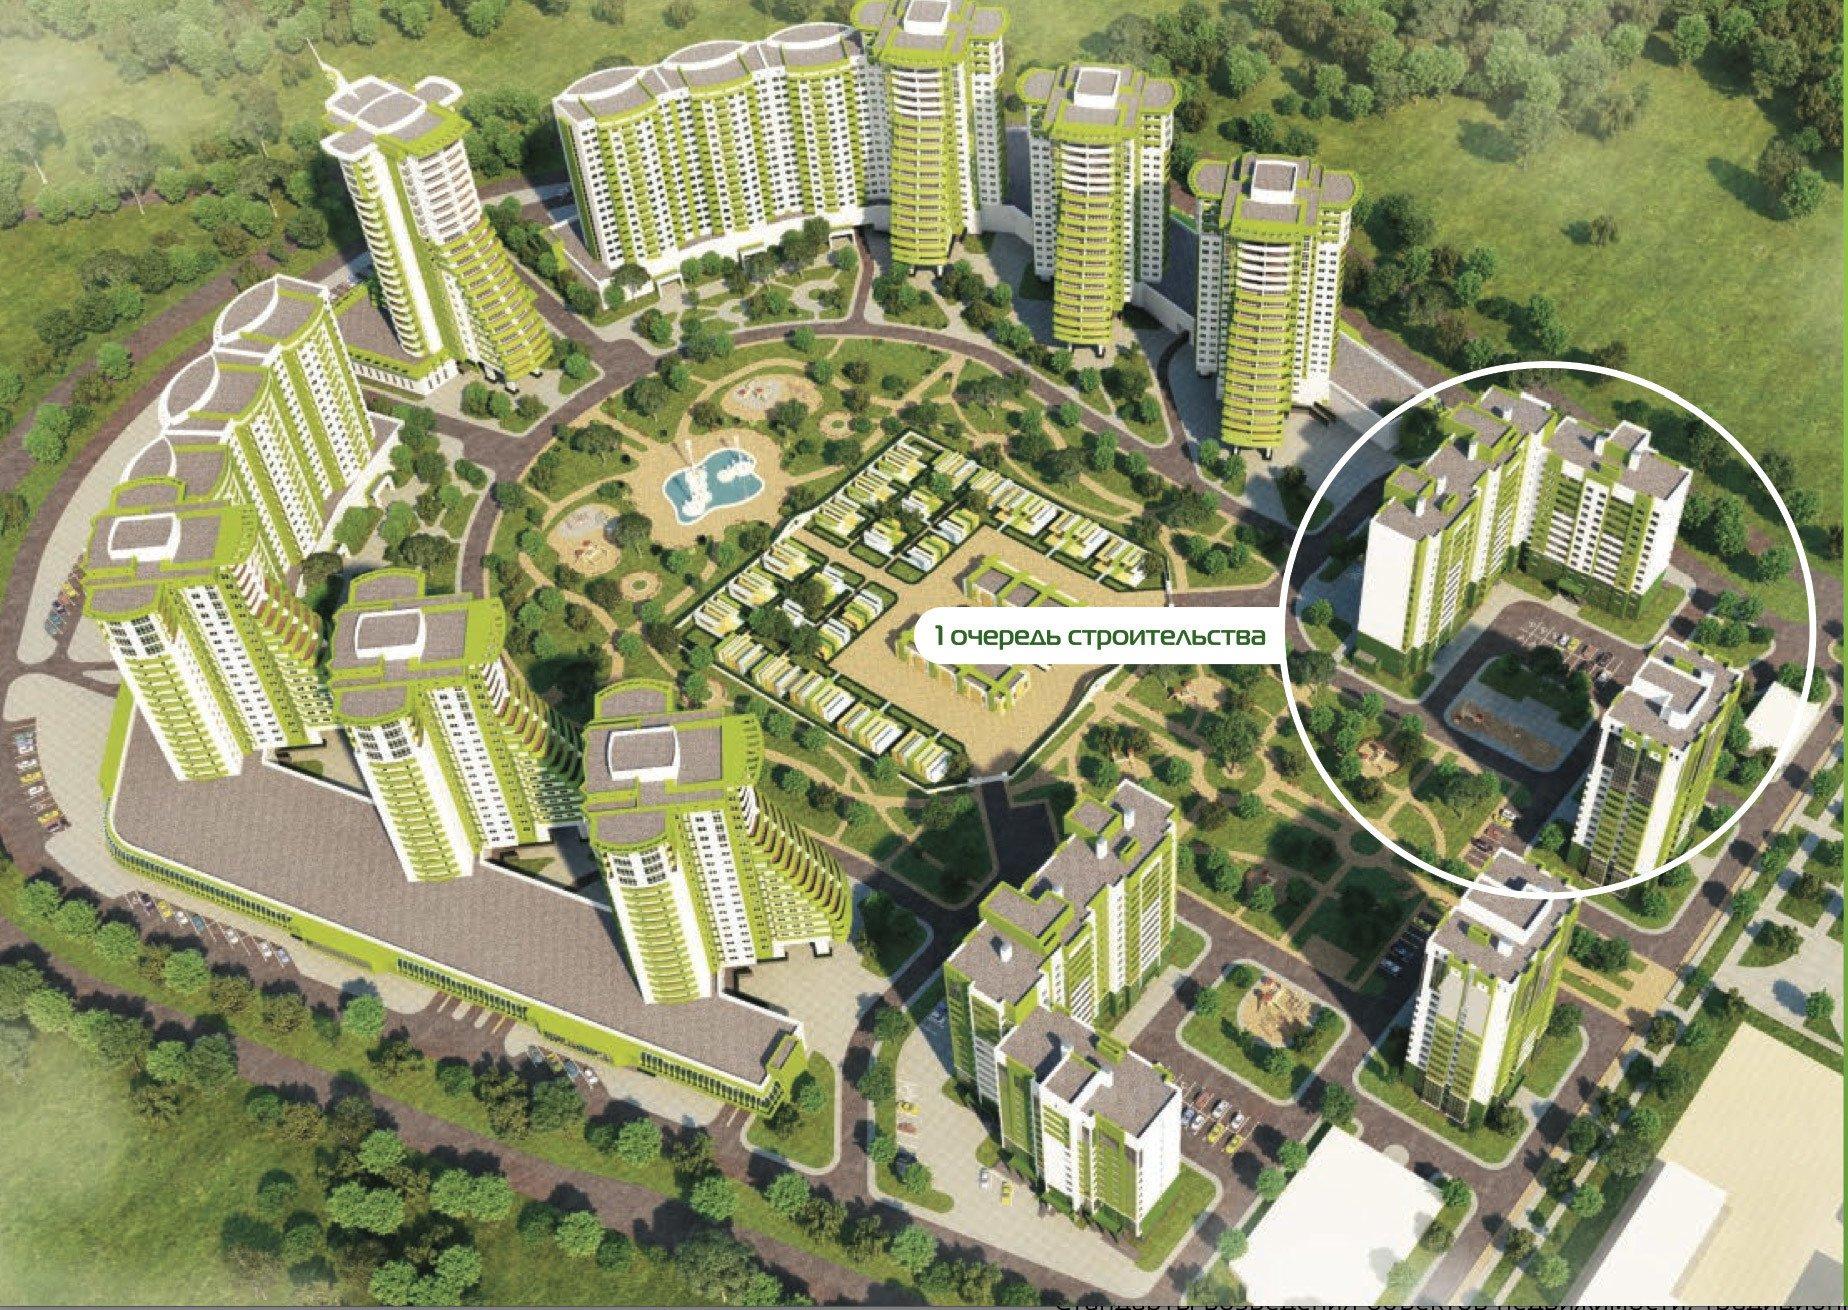 Містобудівне проектування (генеральний план, детальний план території, району, міста)